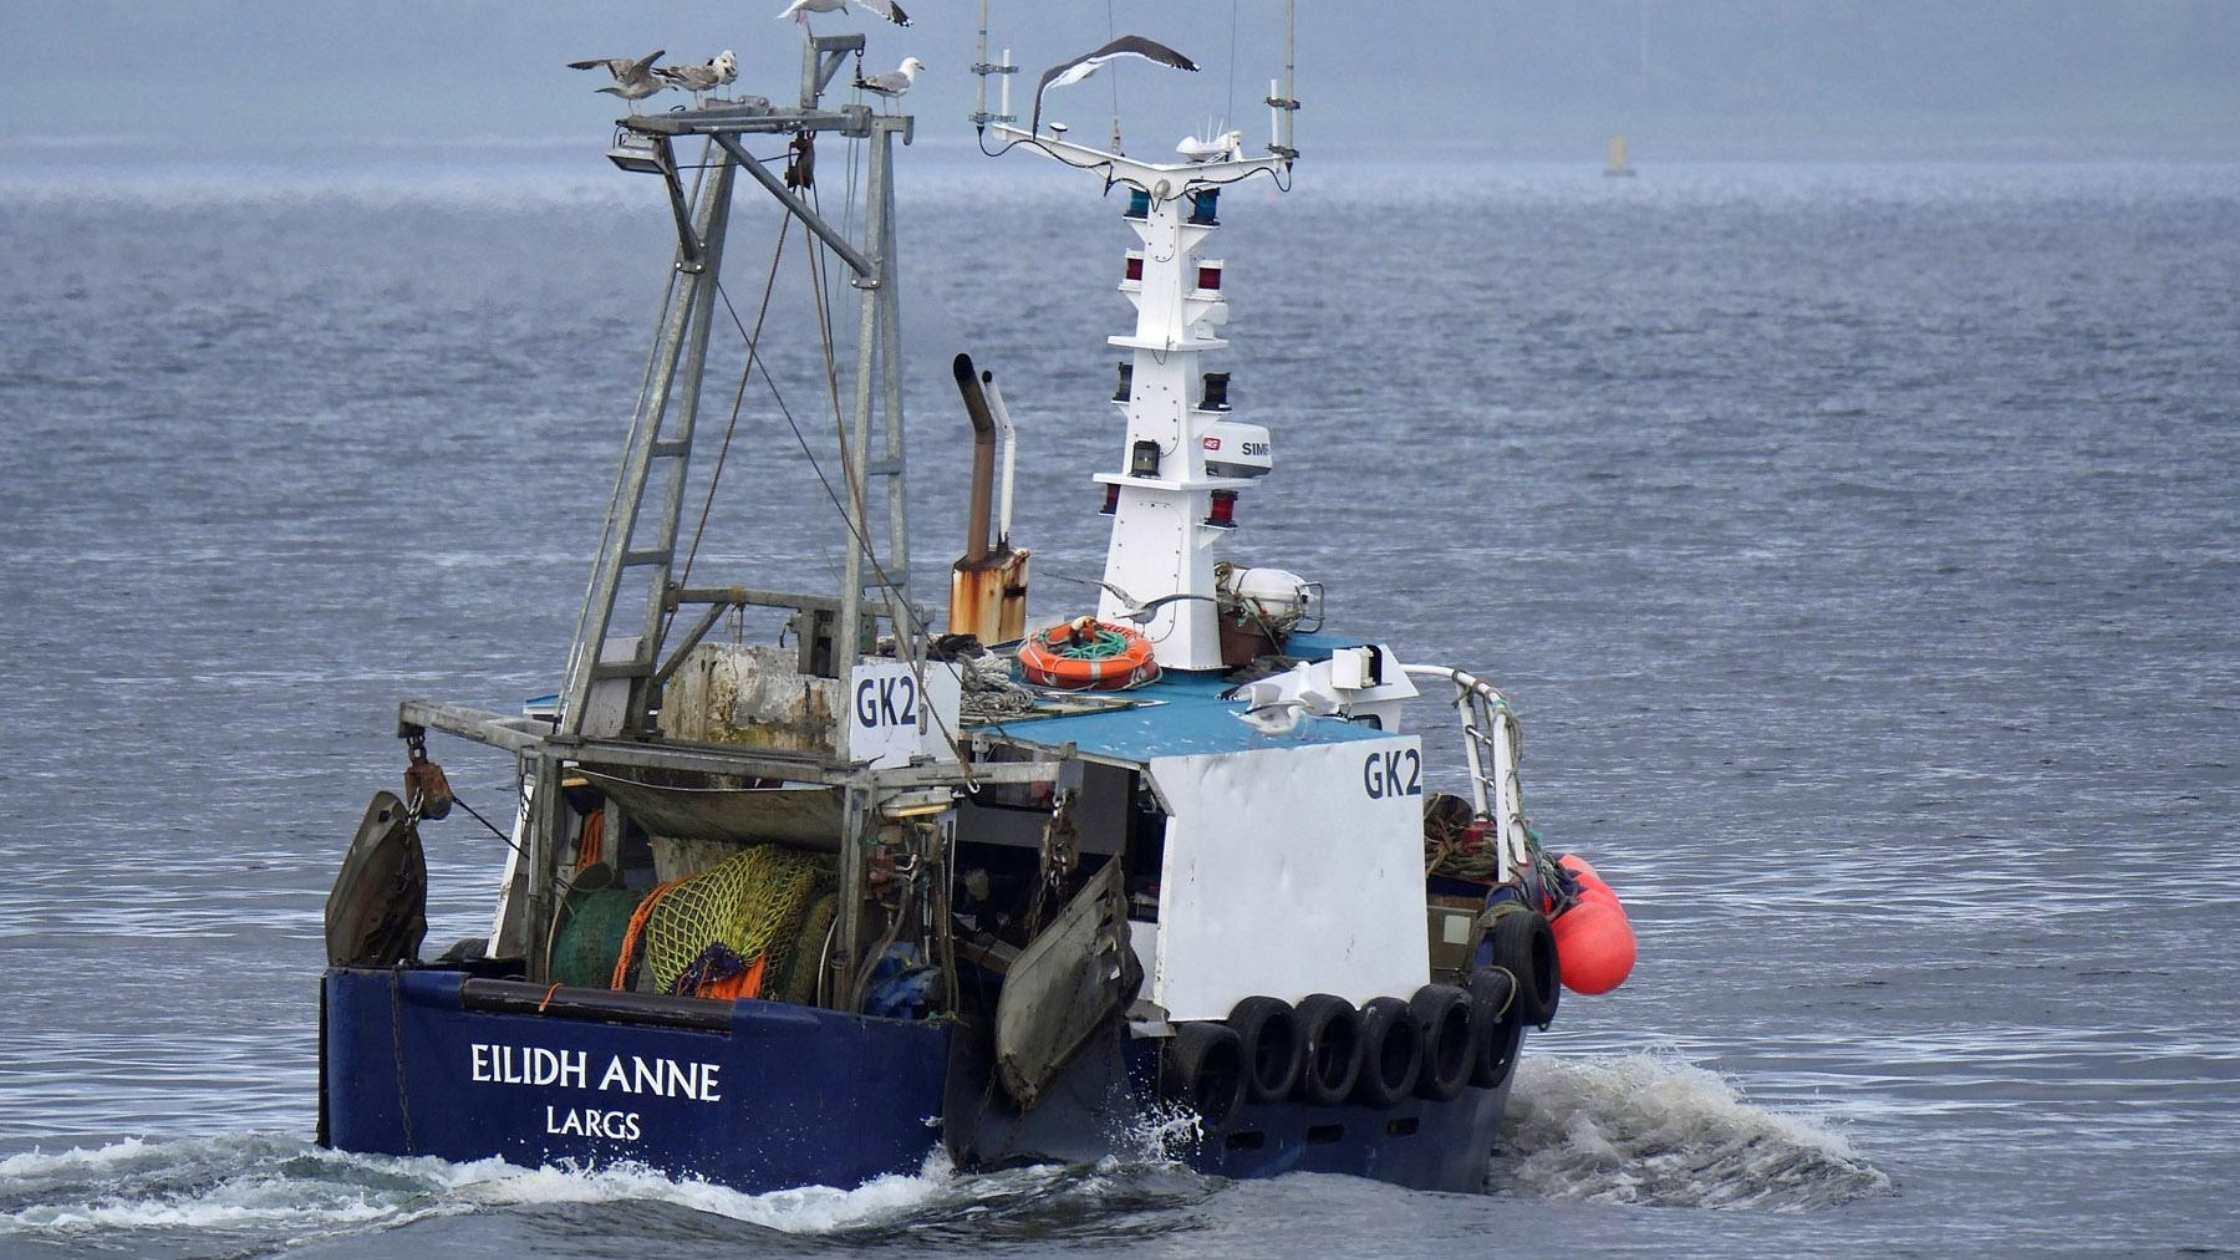 Eilidh Anne at sea